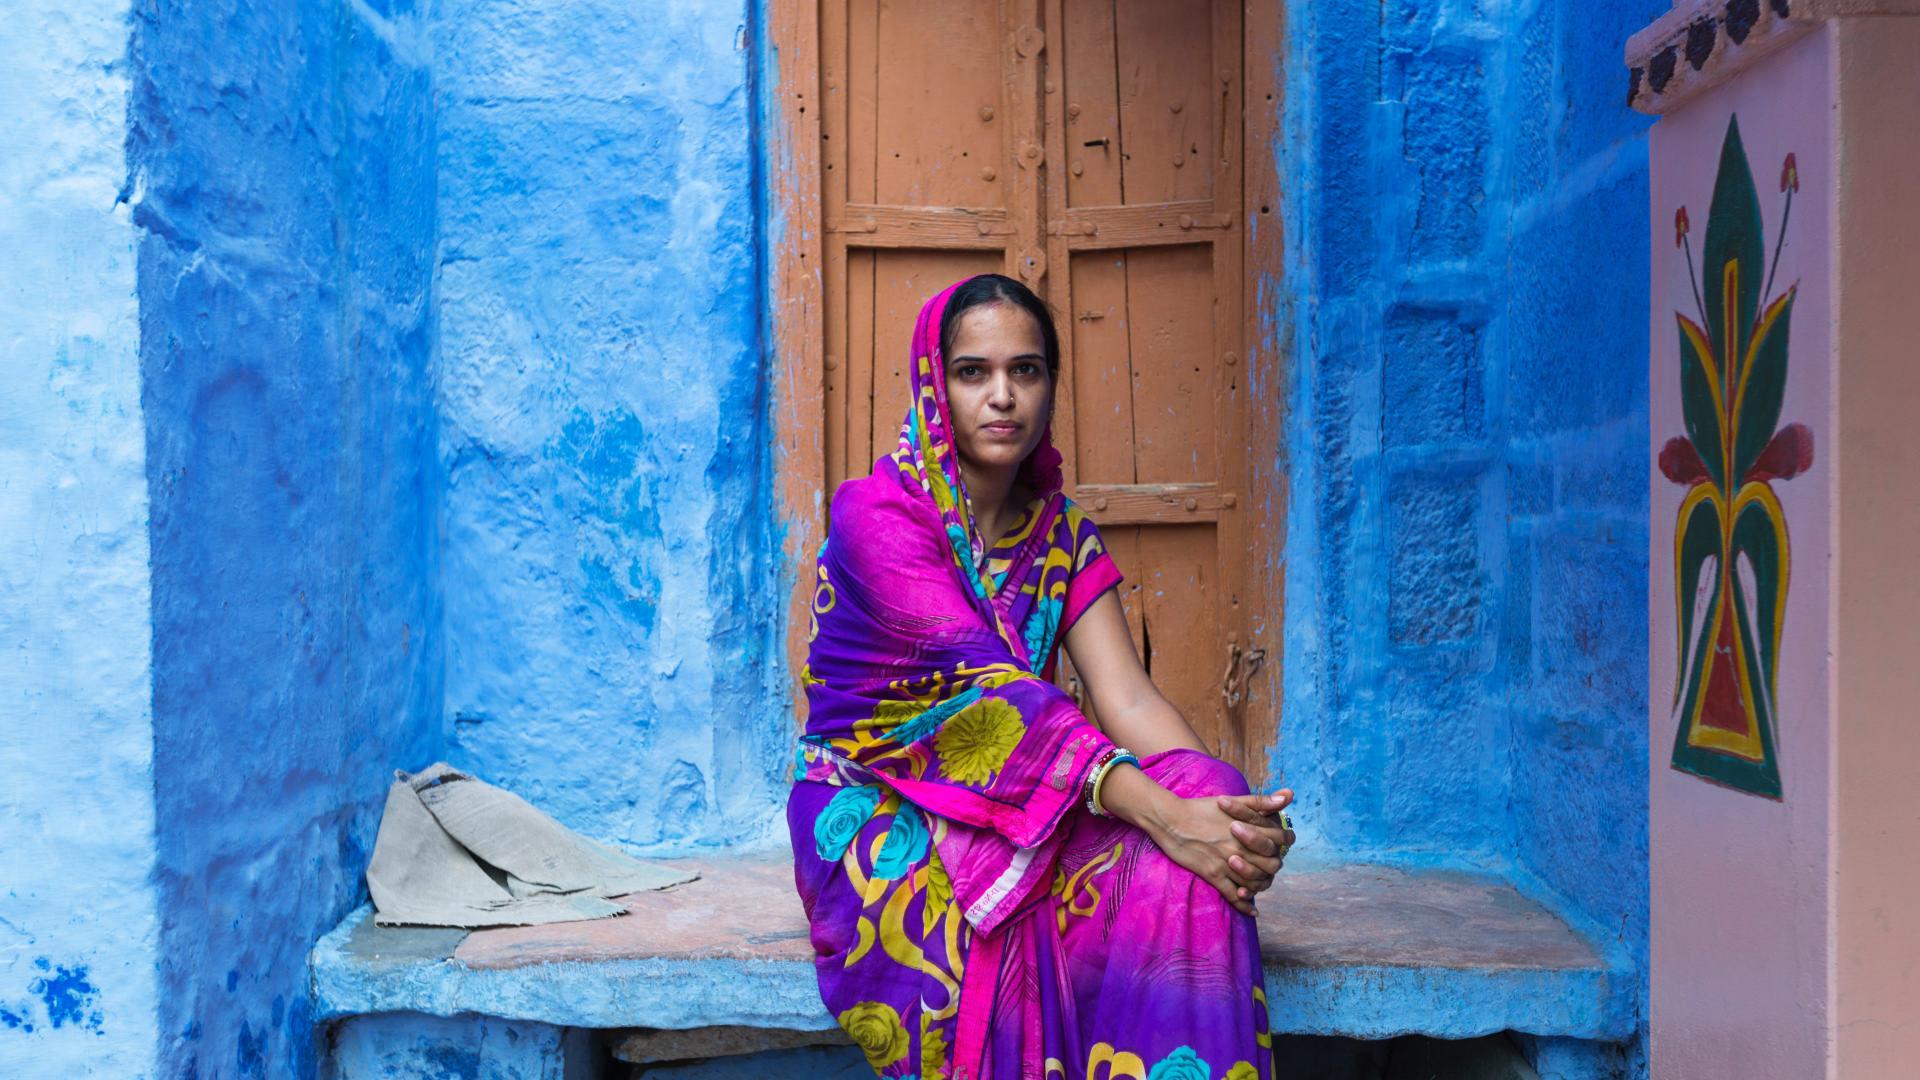 Hindistan'da Neden Halk Hâlâ Sari Giyiyor?